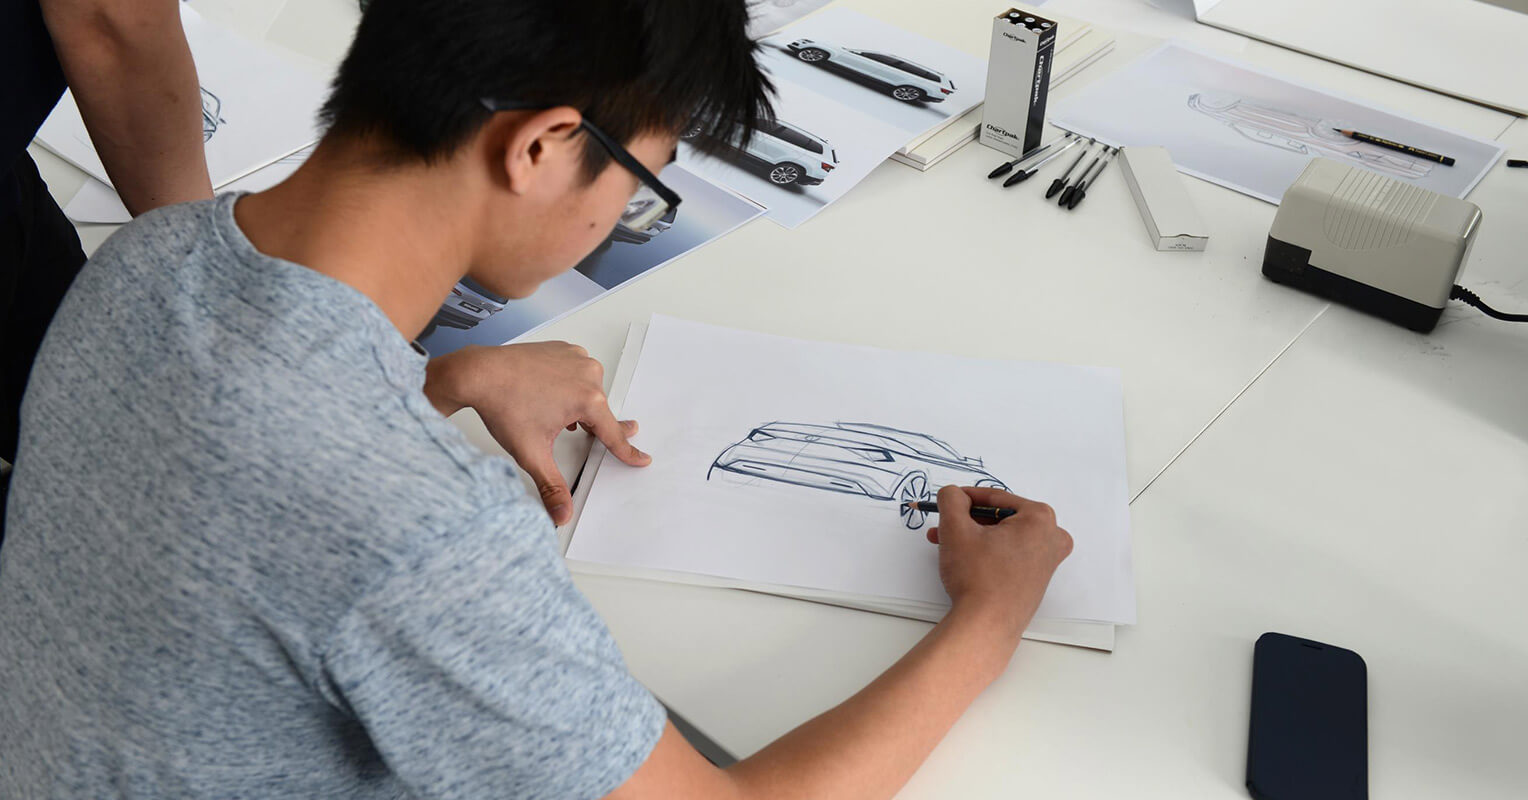 Diseño del Skoda Karoq descapotable